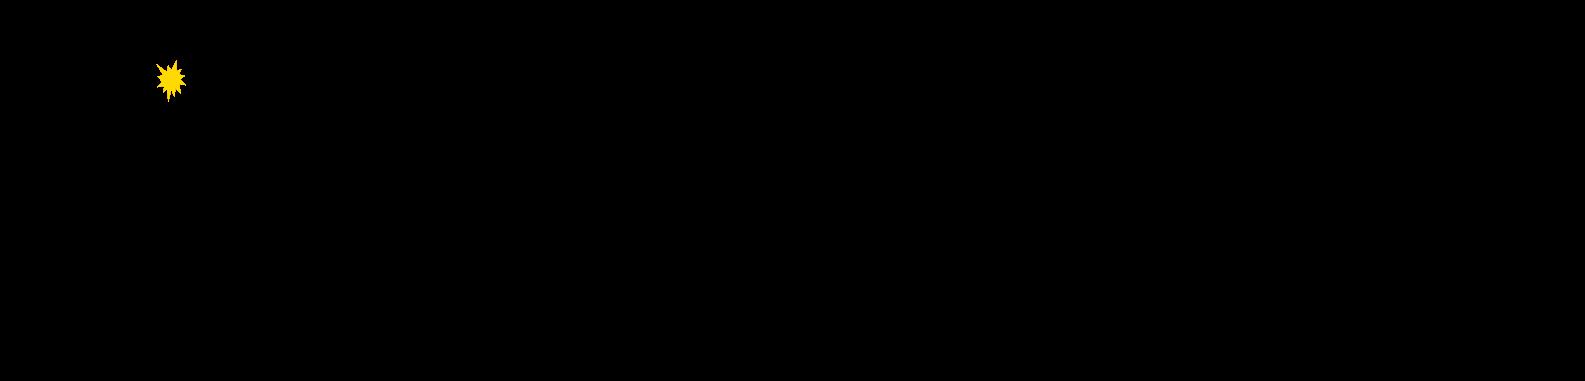 gráfico con datos del cuadrado inverso